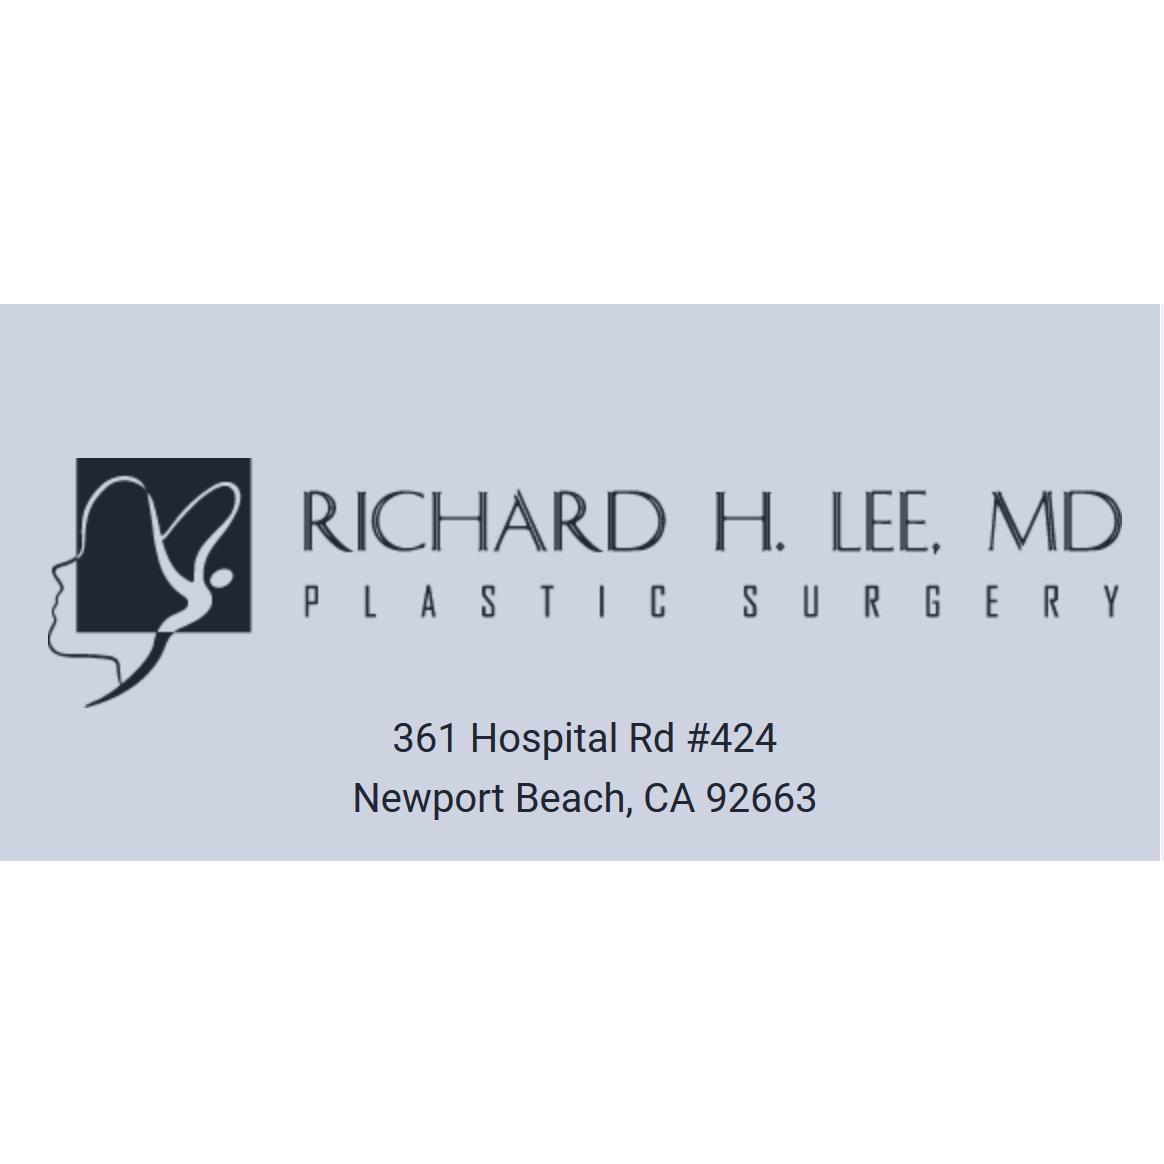 Renaissance Plastic Surgery - Richard H. Lee, MD